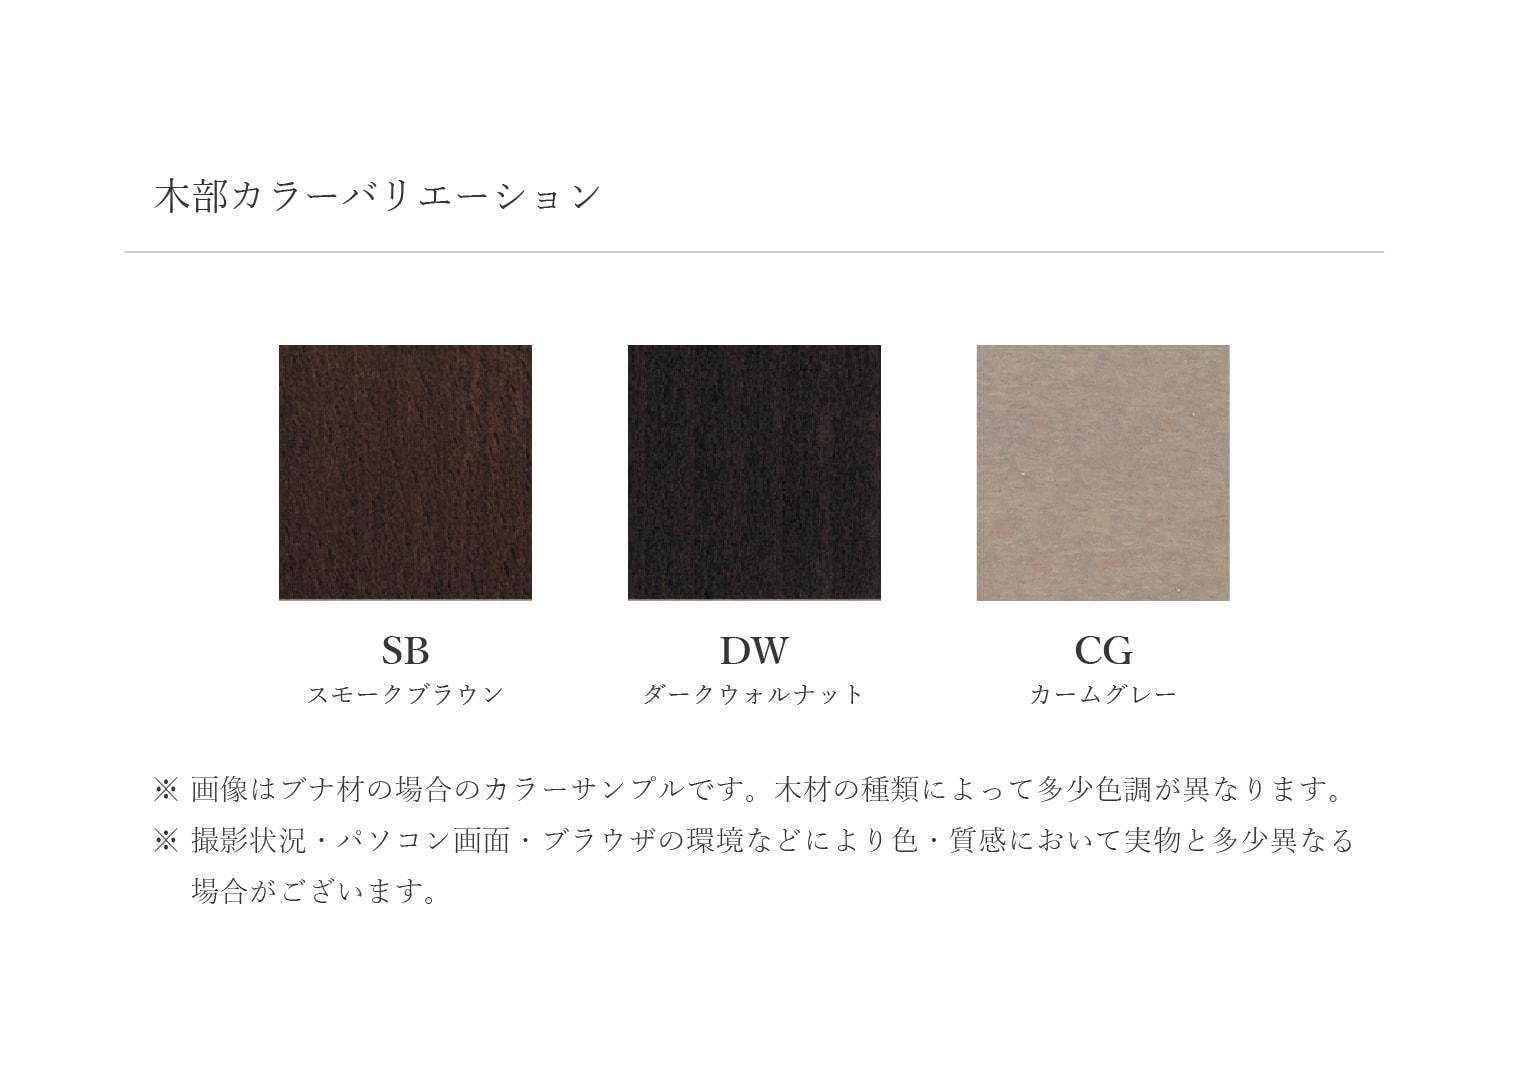 VT-116 木部カラー